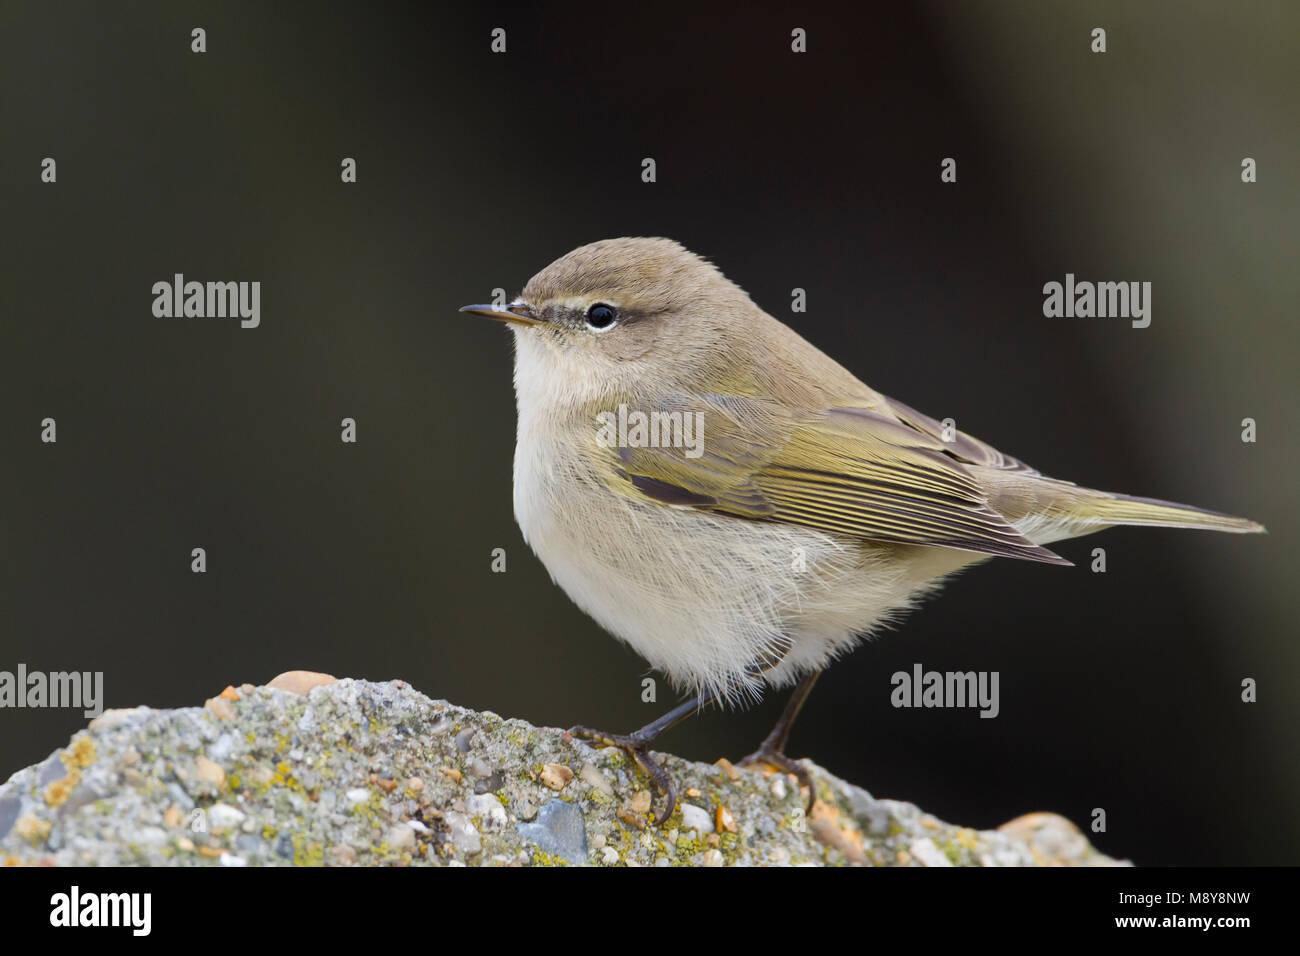 Common Chiffchaff - Zilpzalp - Phylloscopus collybita ssp. collybita, Germany, birc calling like collybita Stock Photo